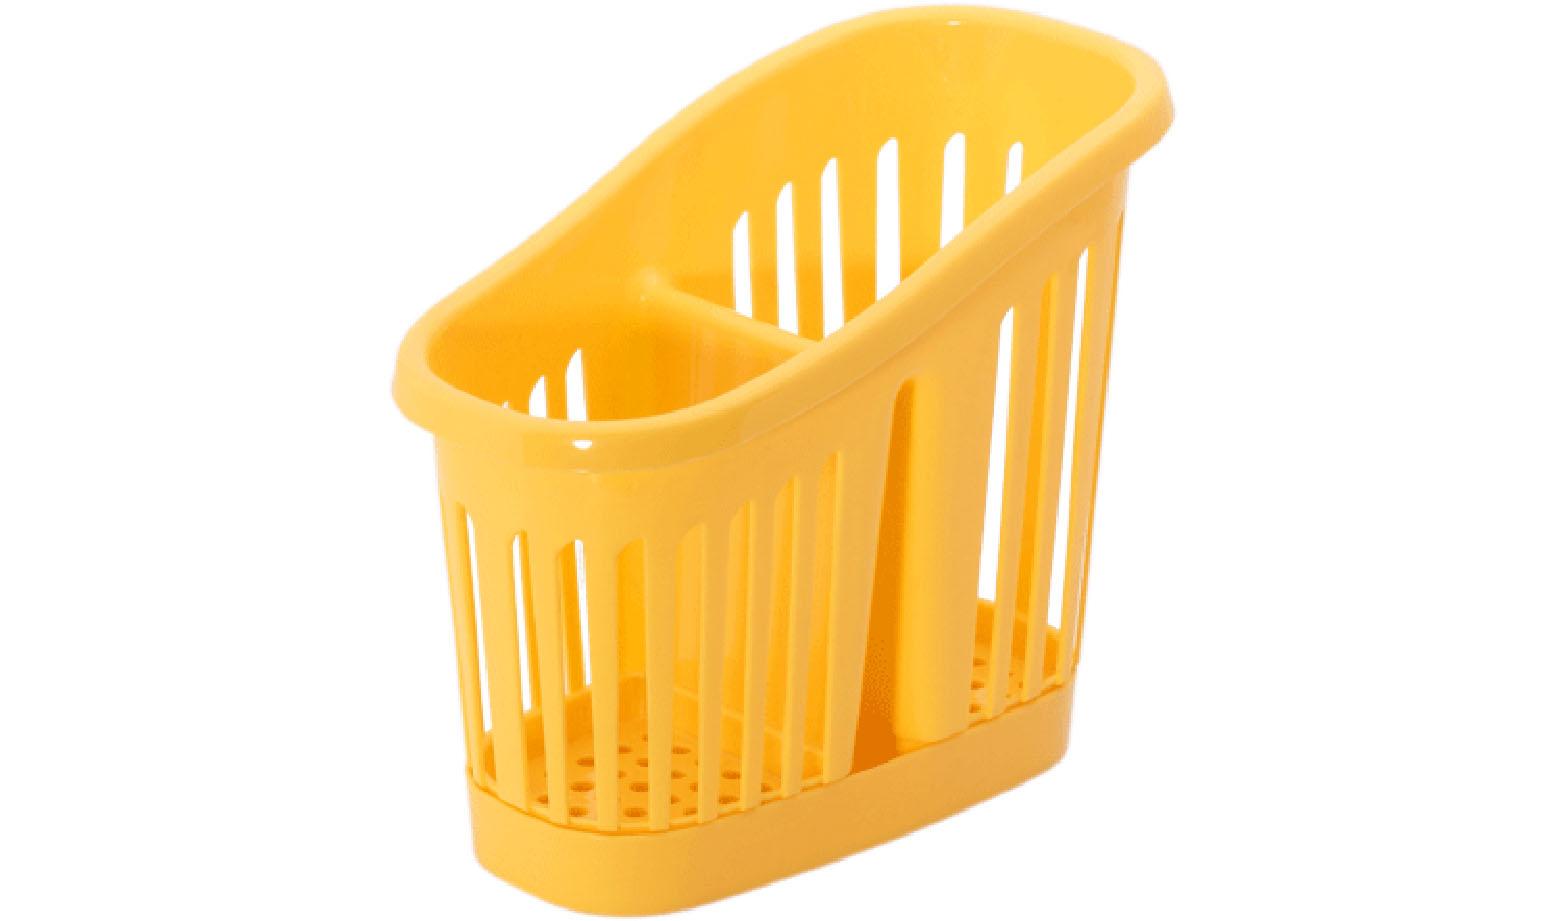 Подставка для столовых приборов Idea, цвет: желтый. М 1165М 1165Подставка для столовых приборов Idea, выполненная из высококачественного пластика, станет полезным приобретением для вашей кухни. Подставка имеет два отделения для разных видов столовых приборов. Дно и стенки отделений имеет перфорацию для легкого стока жидкости, которую собирает поднос. Такая подставка поможет аккуратно рассортировать все столовые приборы и тем самым поддерживать порядок на кухне.